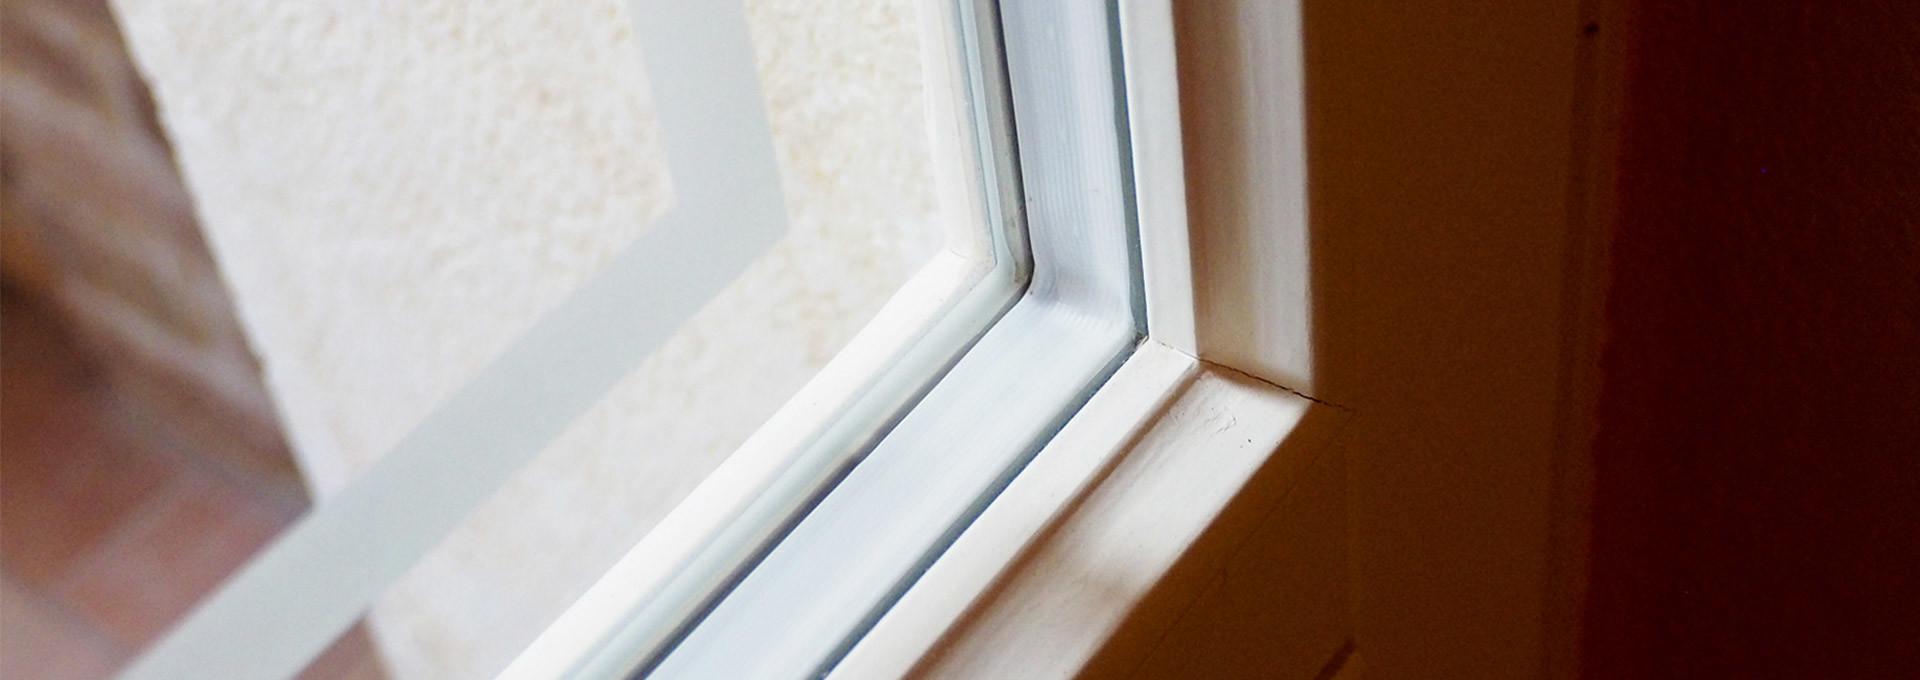 Installazione finestre in pvc Verona